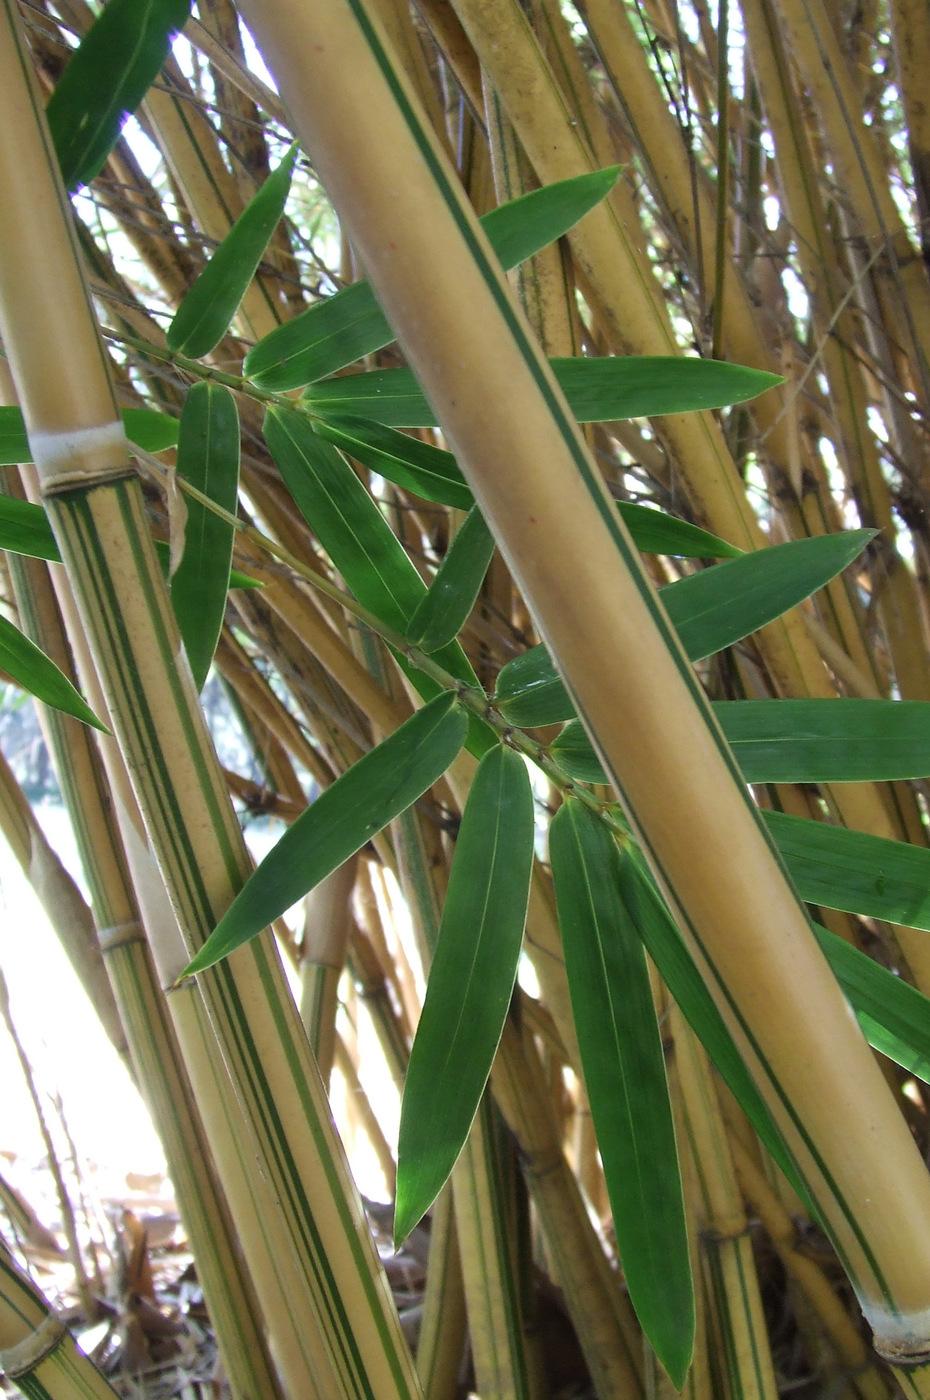 Fullsize Of Alphonse Karr Bamboo